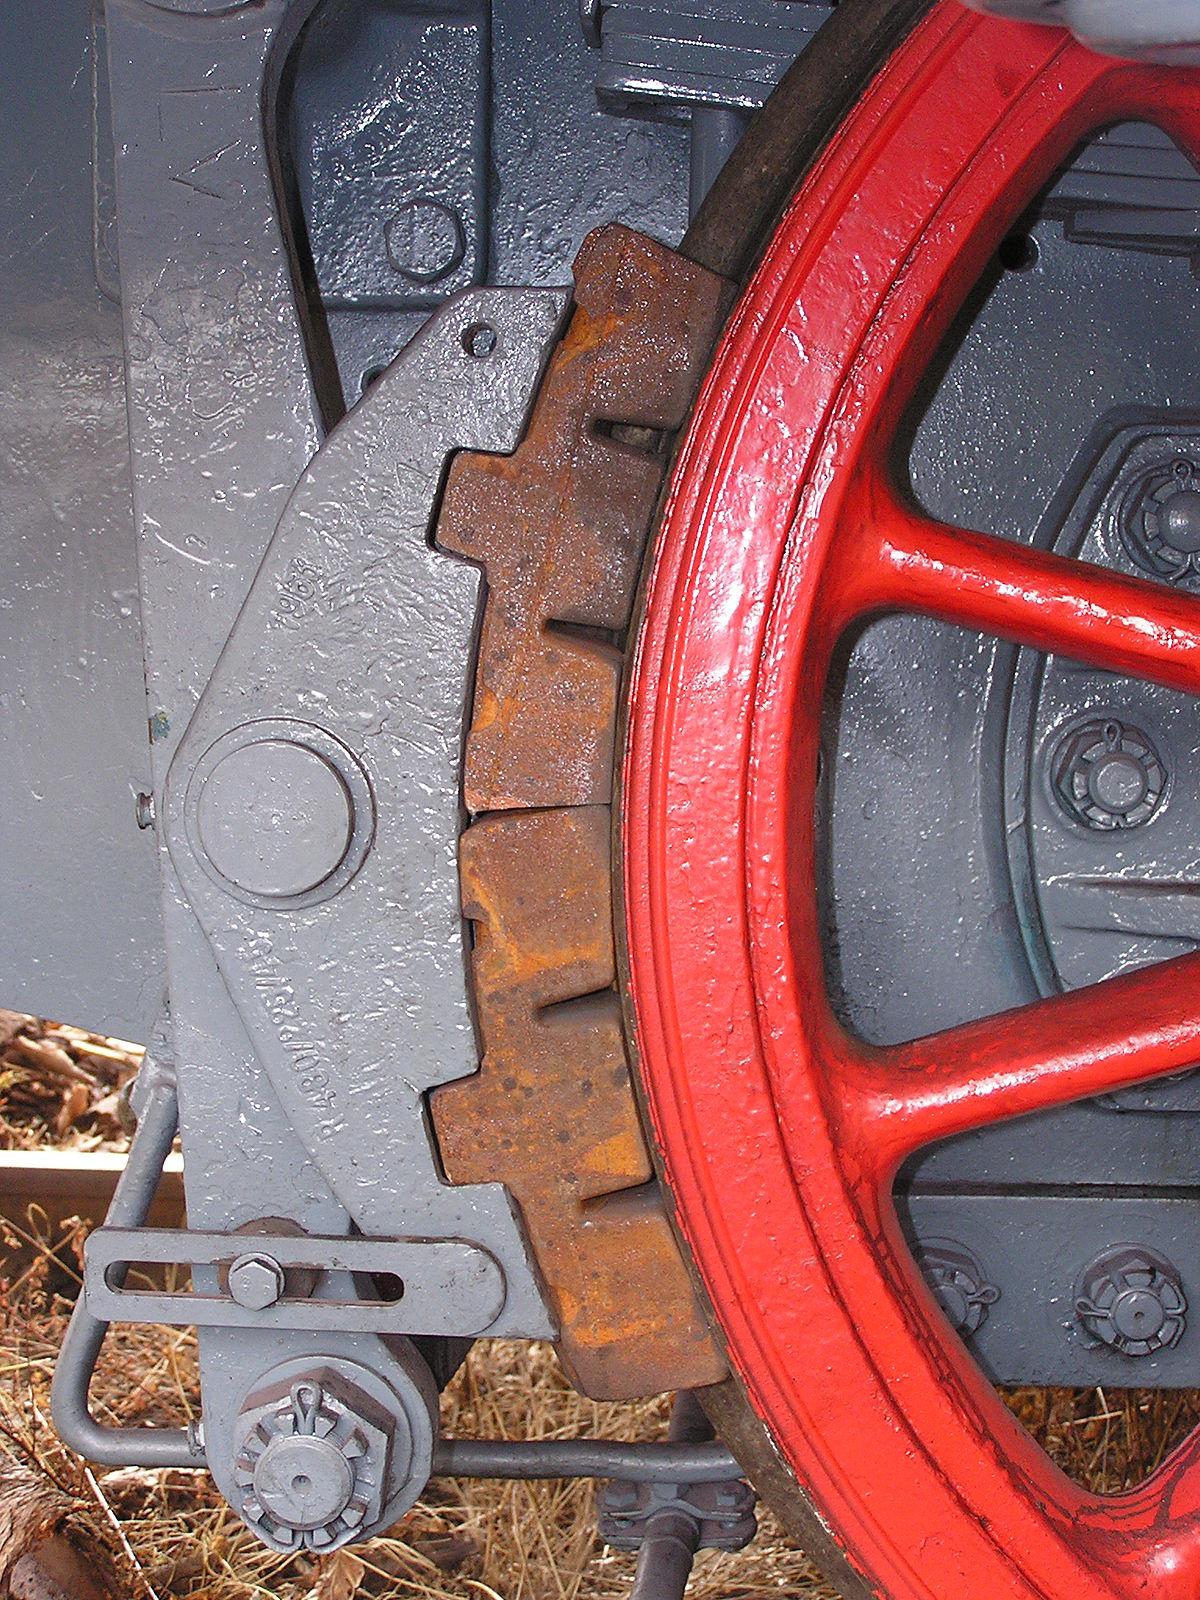 Attēlā redzamās vilciena bremzes ļoti līdzinās sākotnējo automašīnu bremžu sistēmai.